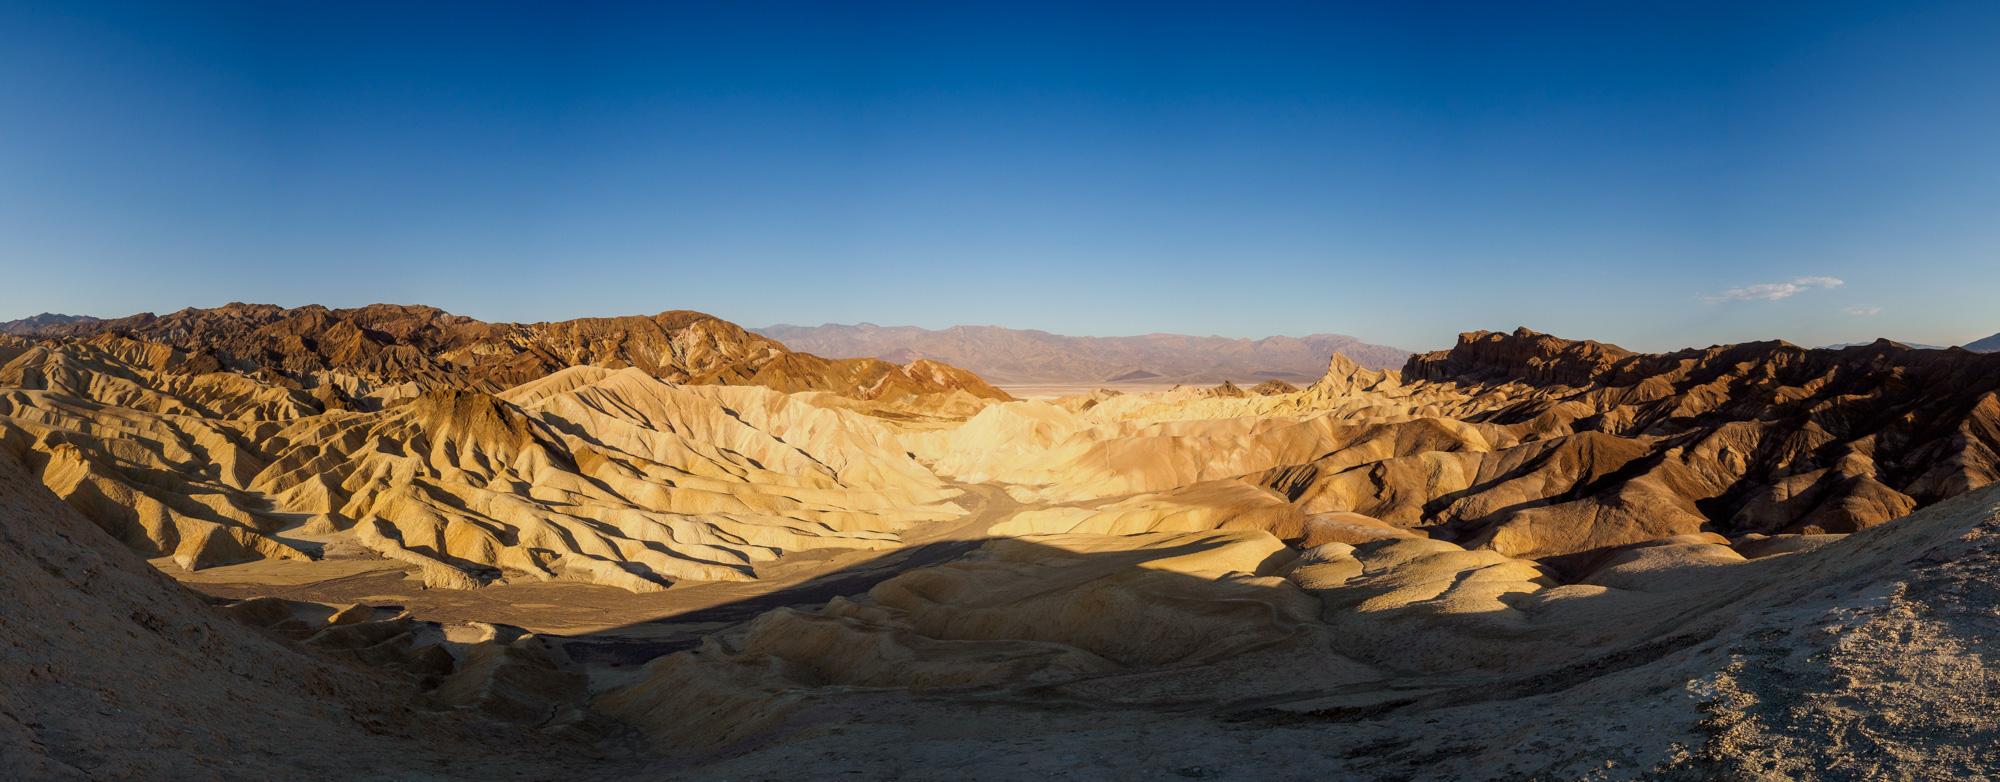 Death Valley Nationalpark - Aussicht vom Zabriskie Point Richtung Death Valley